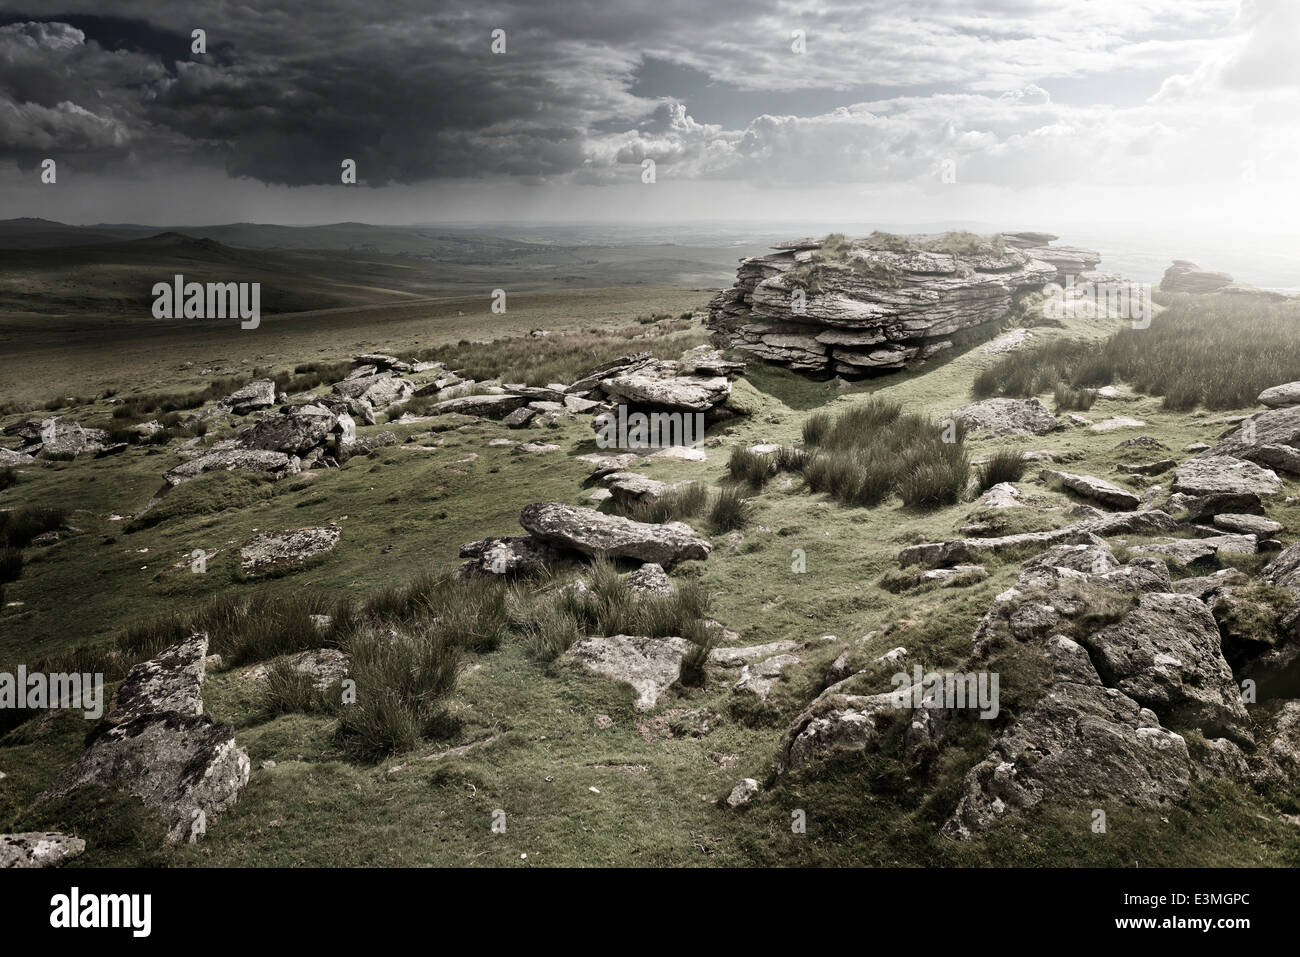 Dramatic Wild Moorlands rocks. Wild landscape from Dartmoor, UK - Stock Image